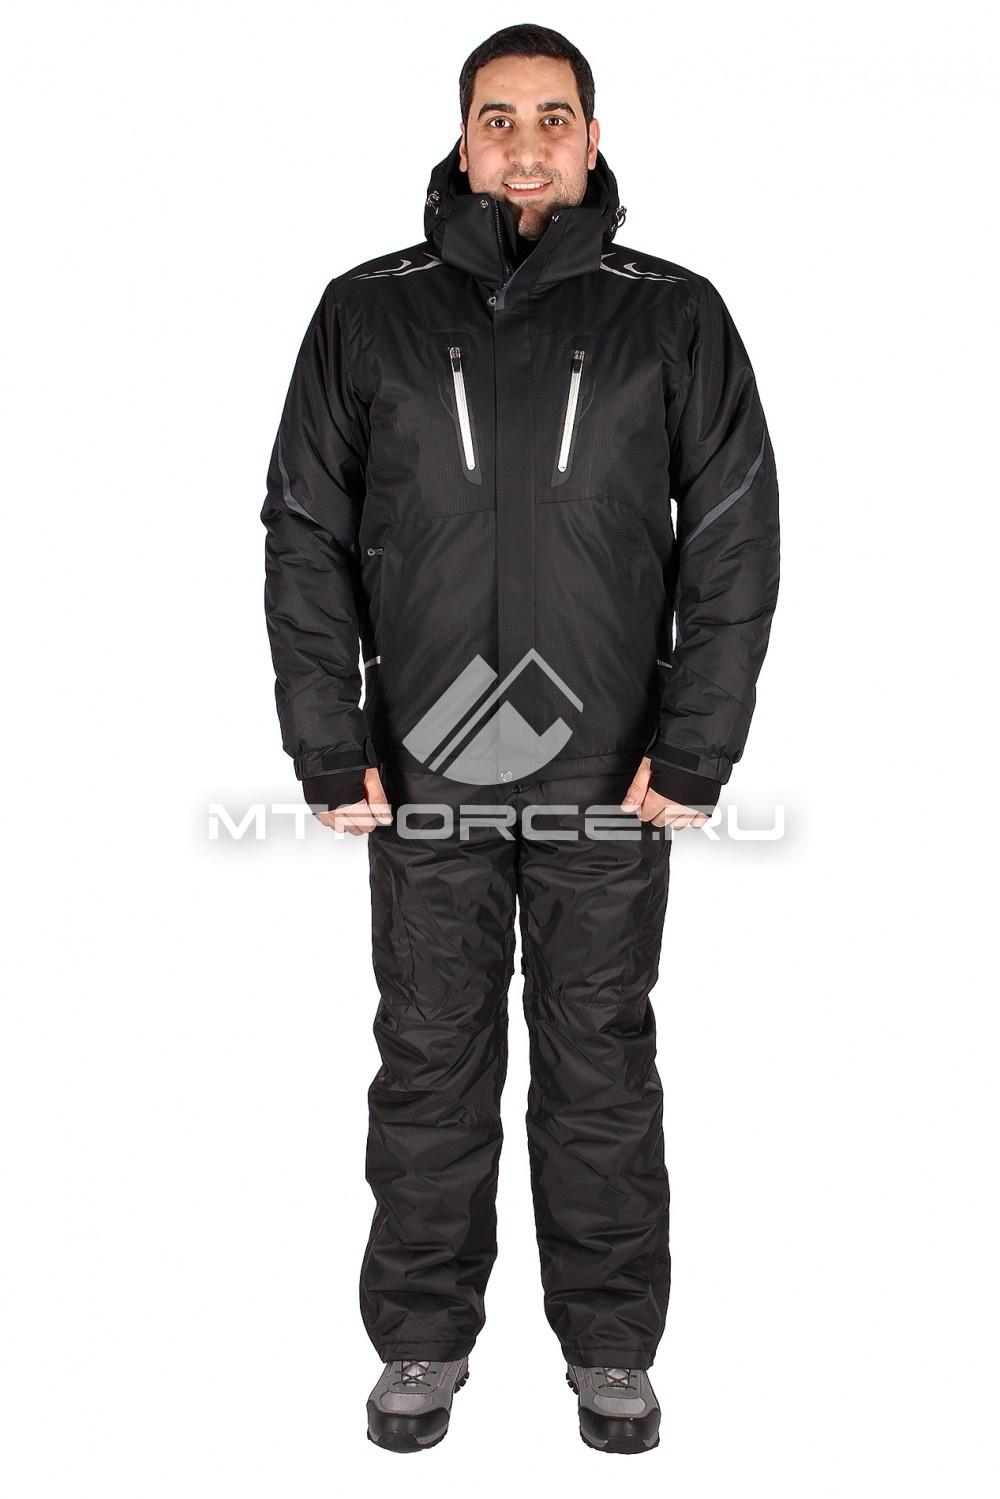 Купить                                  оптом Костюм горнолыжный мужской чорного цвета 01556Ch